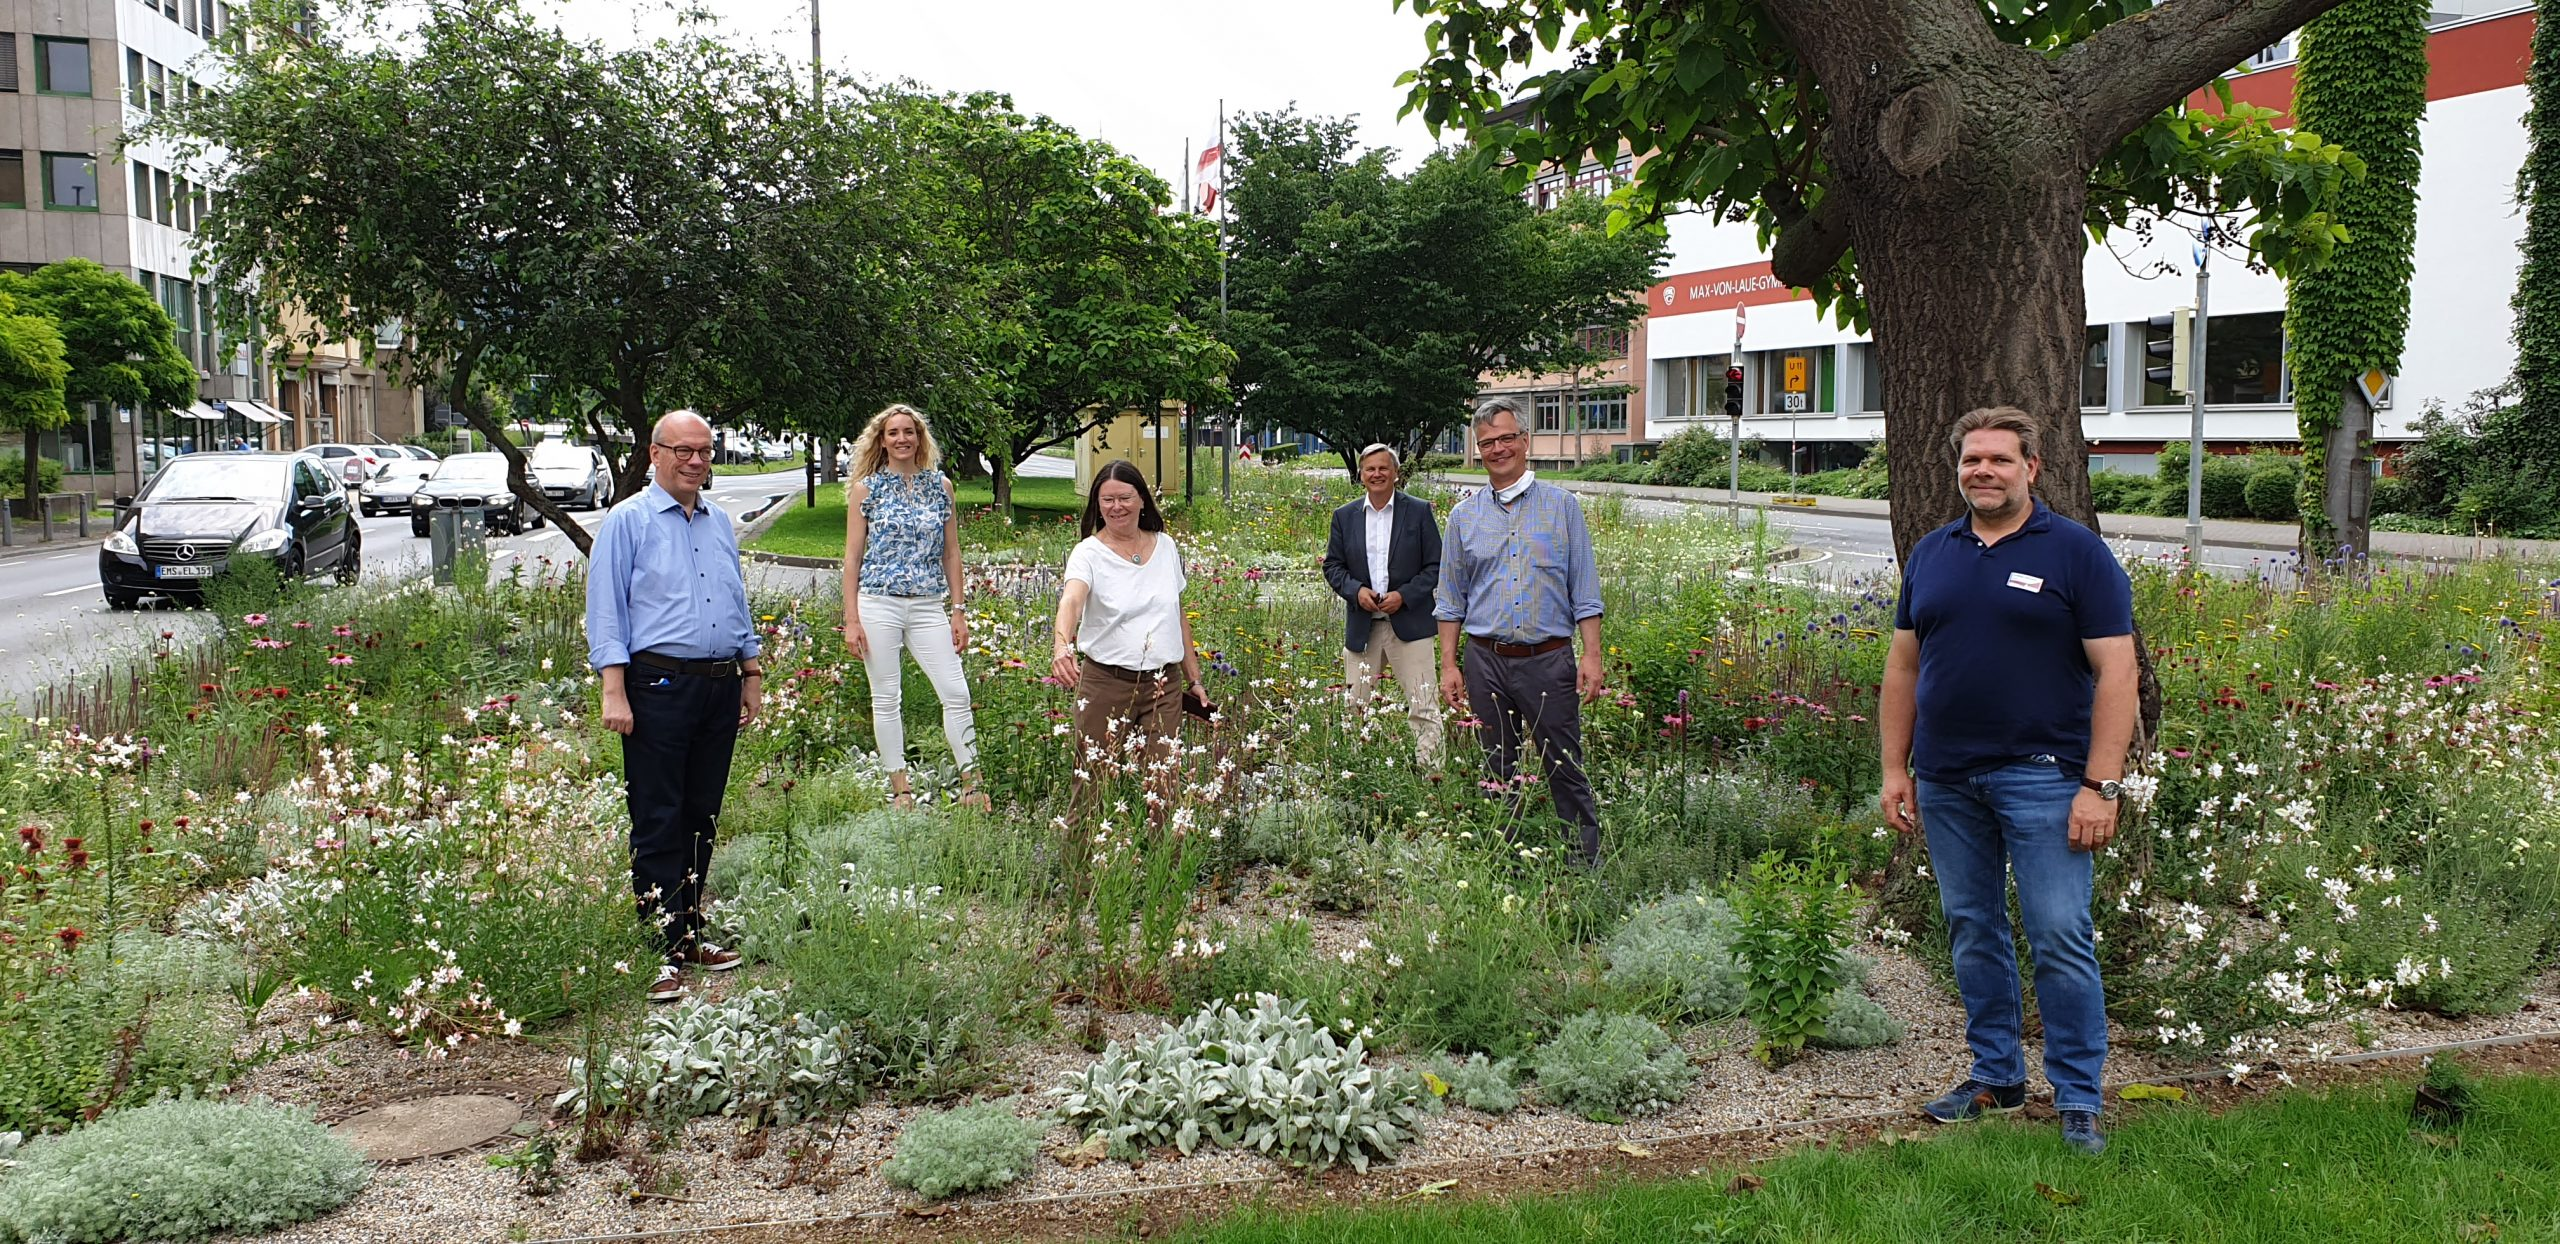 Umweltministerin Ulrike Höfken besucht Blühinsel am Friedrich-Ebert-Ring